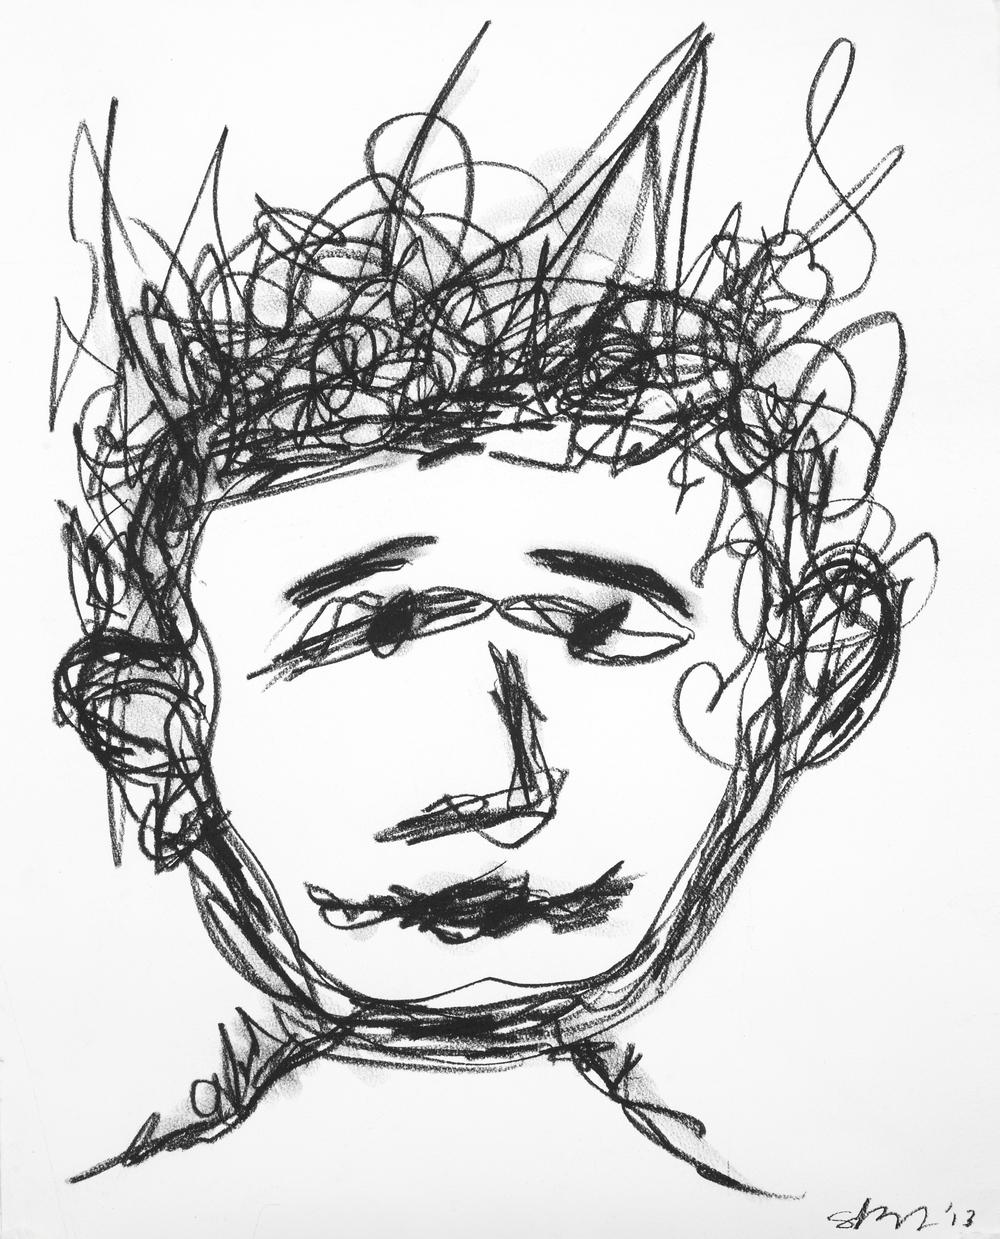 Sketchball 2